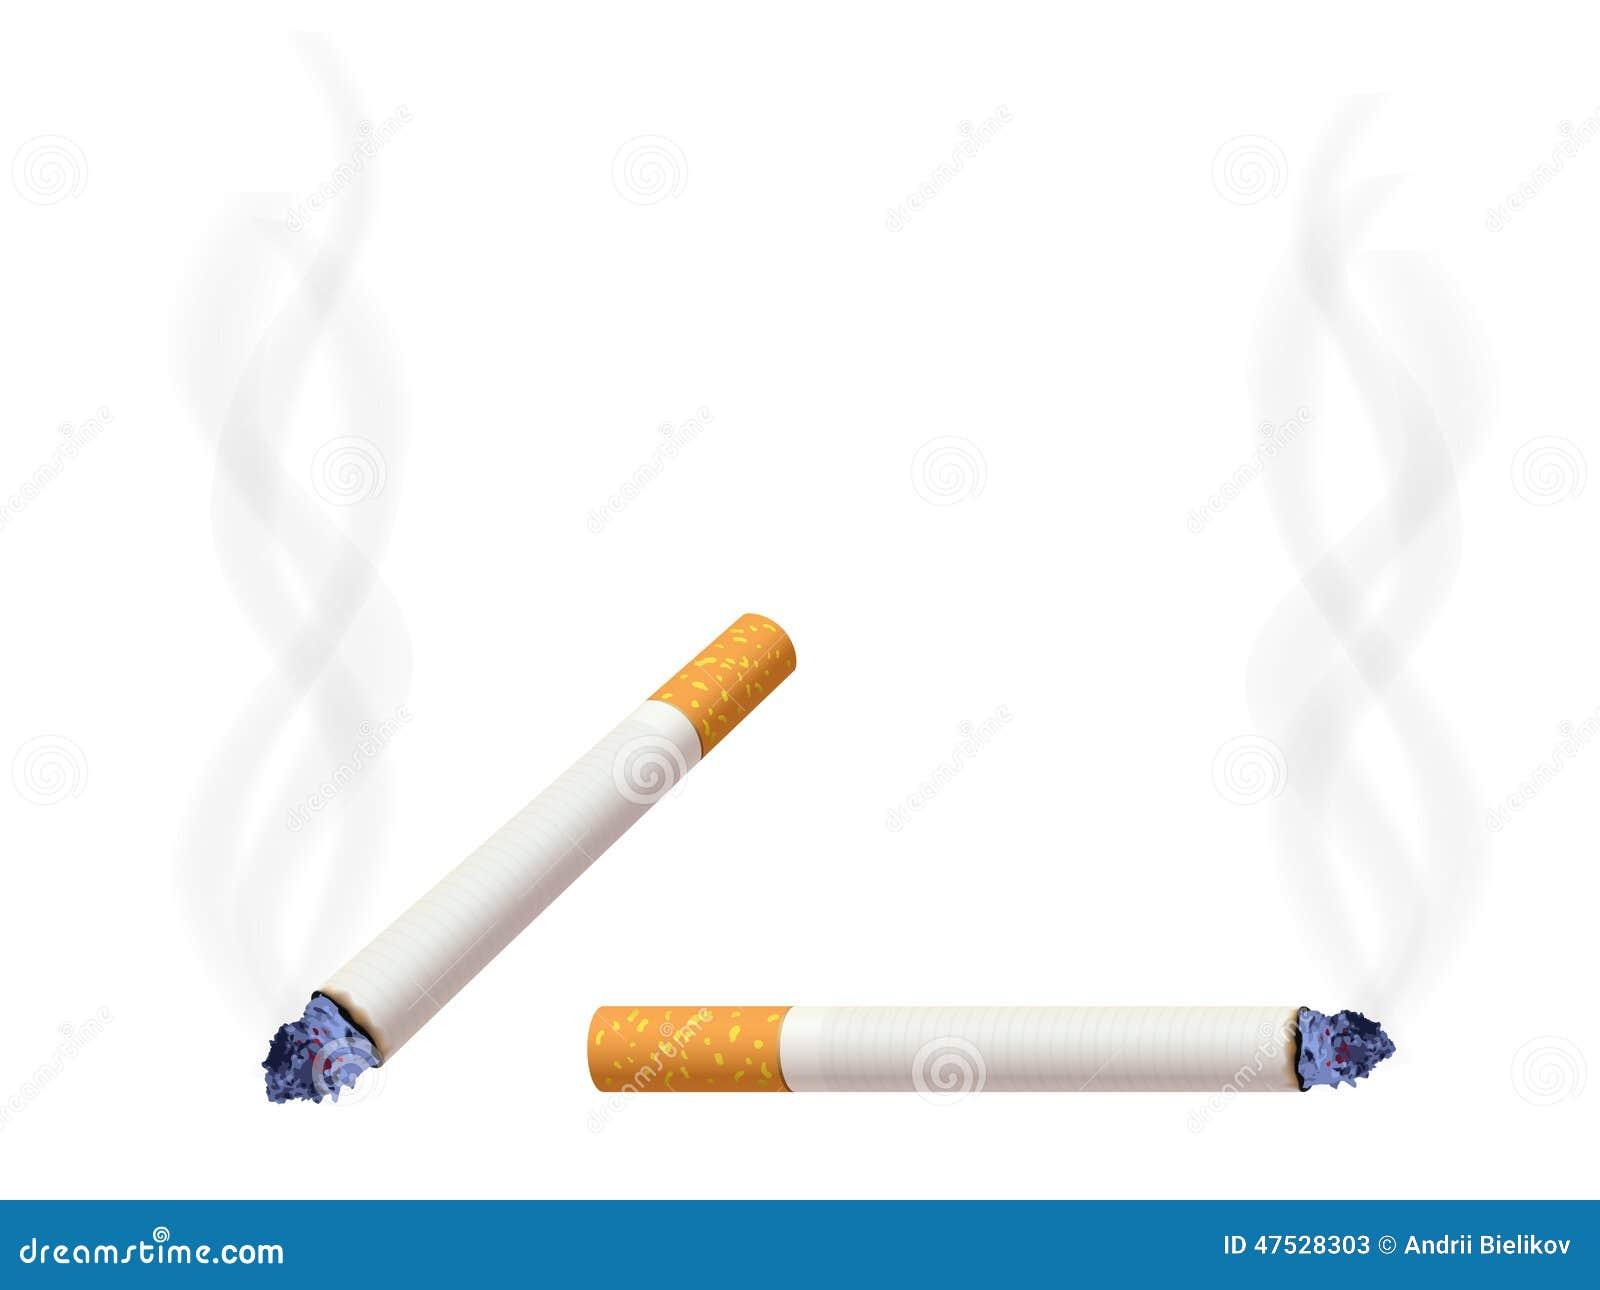 Burning cigarett